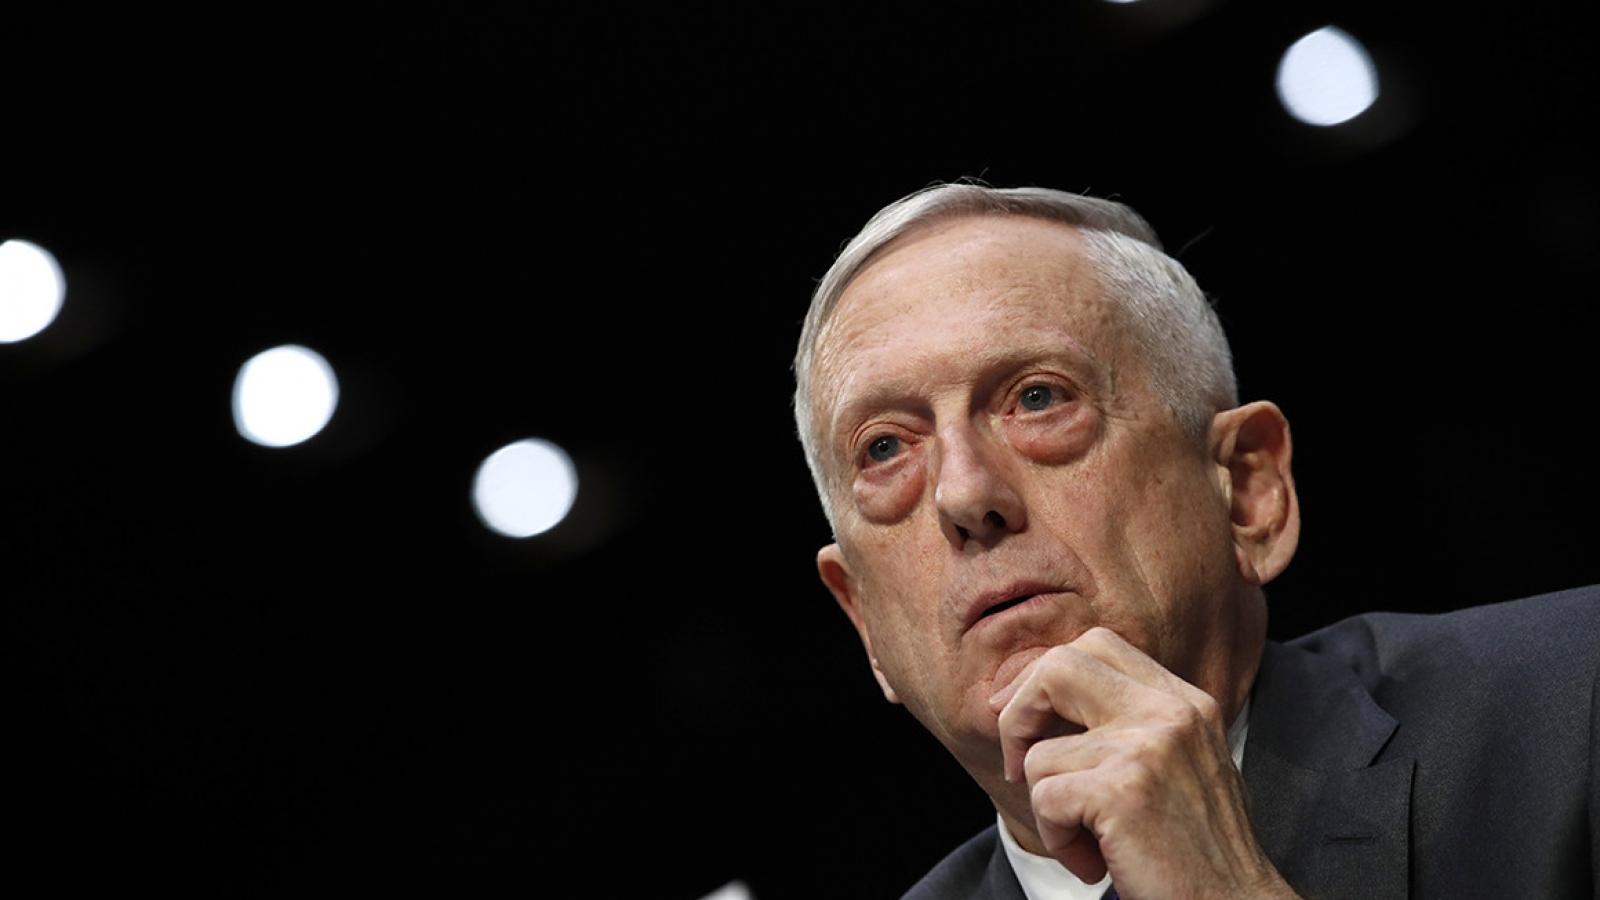 Đội ngũ của ông Biden nhờ cựu Bộ trưởng Mattis hỗ trợ trong quá trình chuyển giao